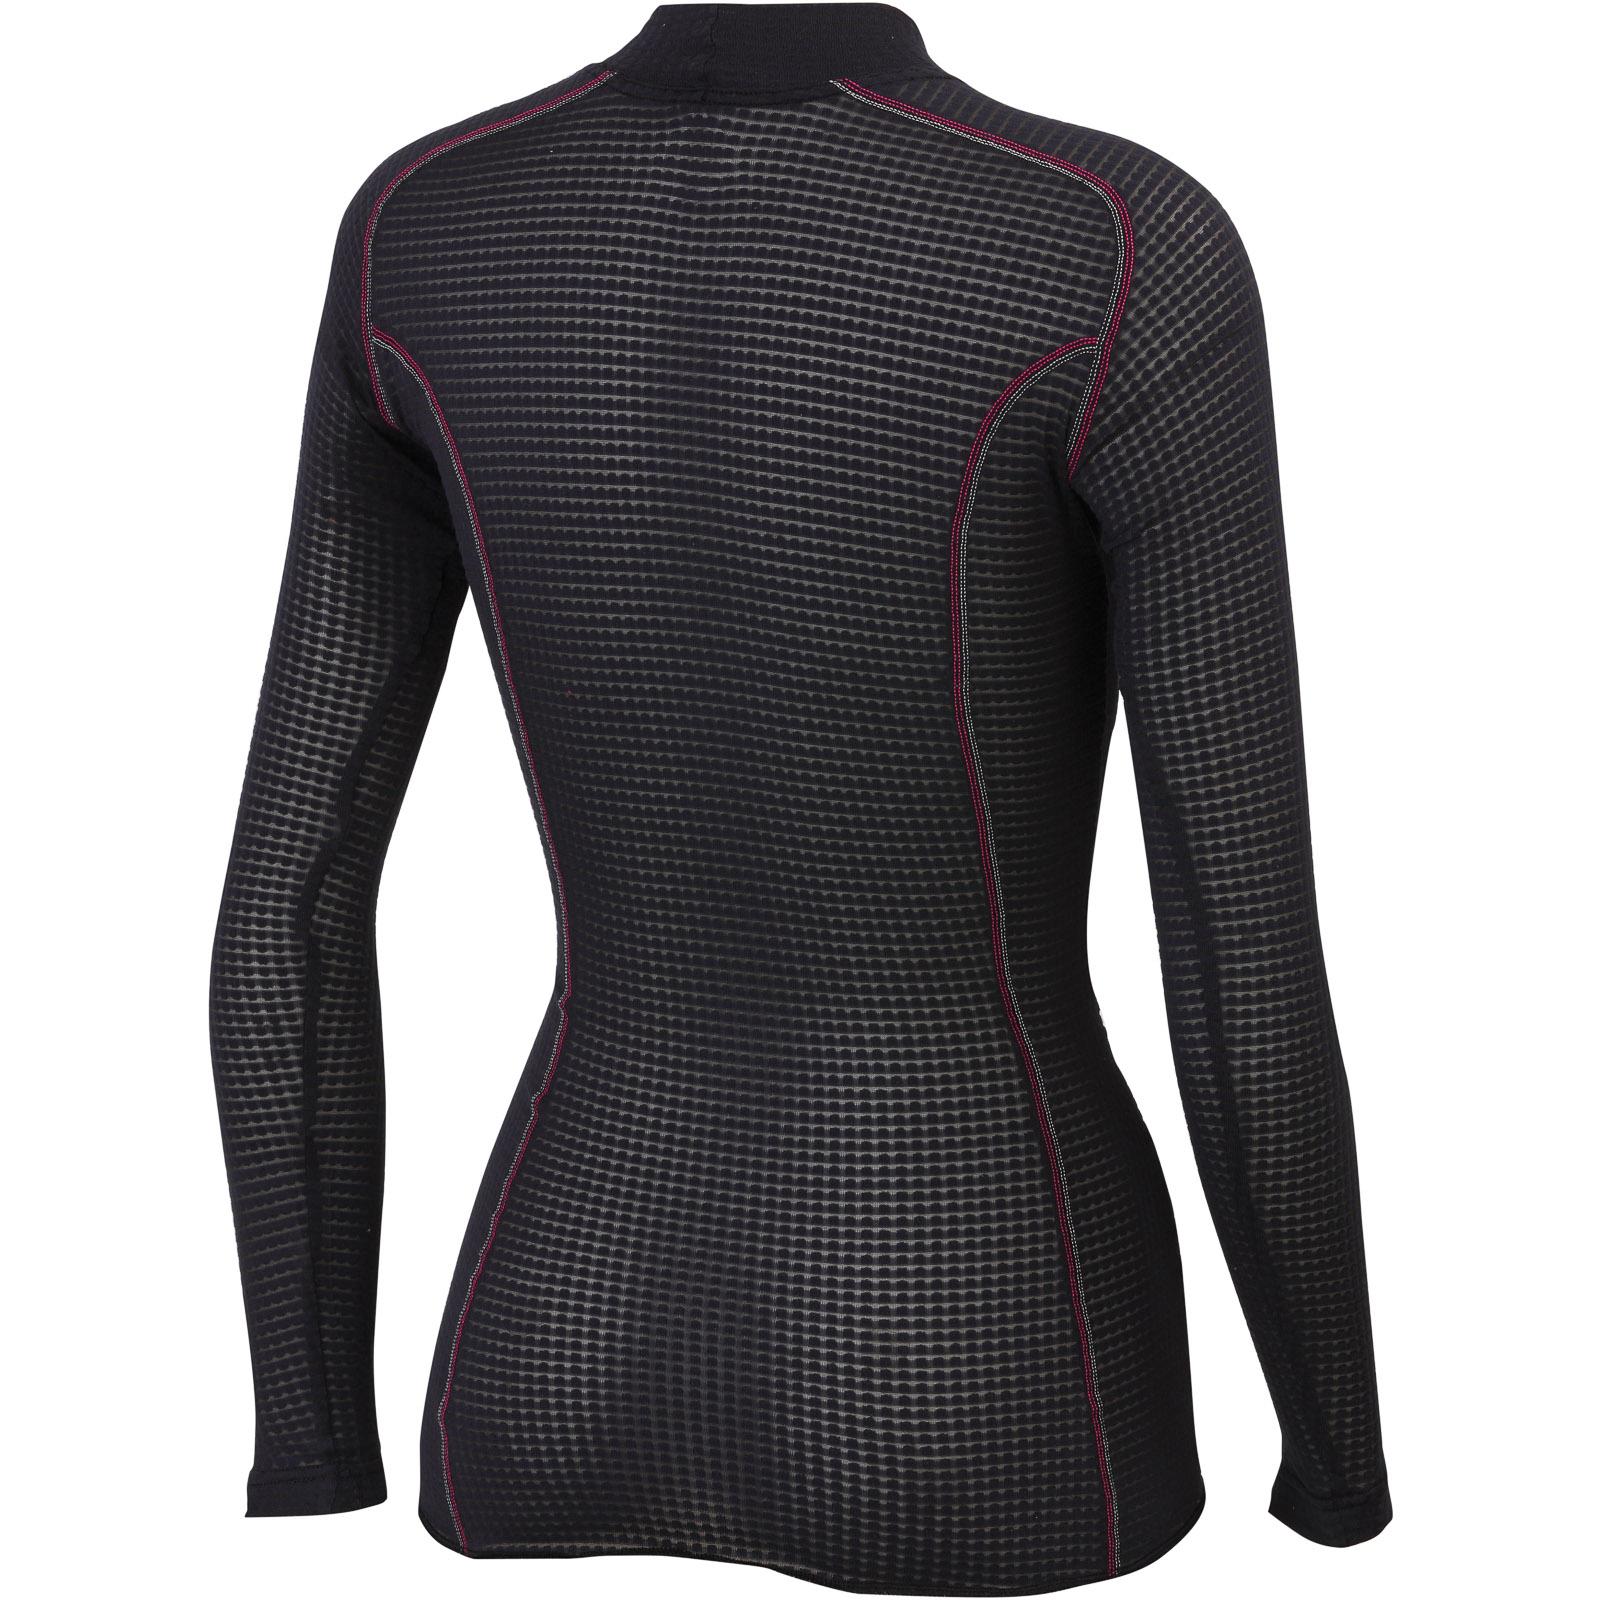 ade58011e Sportful Bodyfit Pro dámske funkčné tričko DR čierne. Pre absolútny zážitok  prosím použite prehliadač s javascriptom